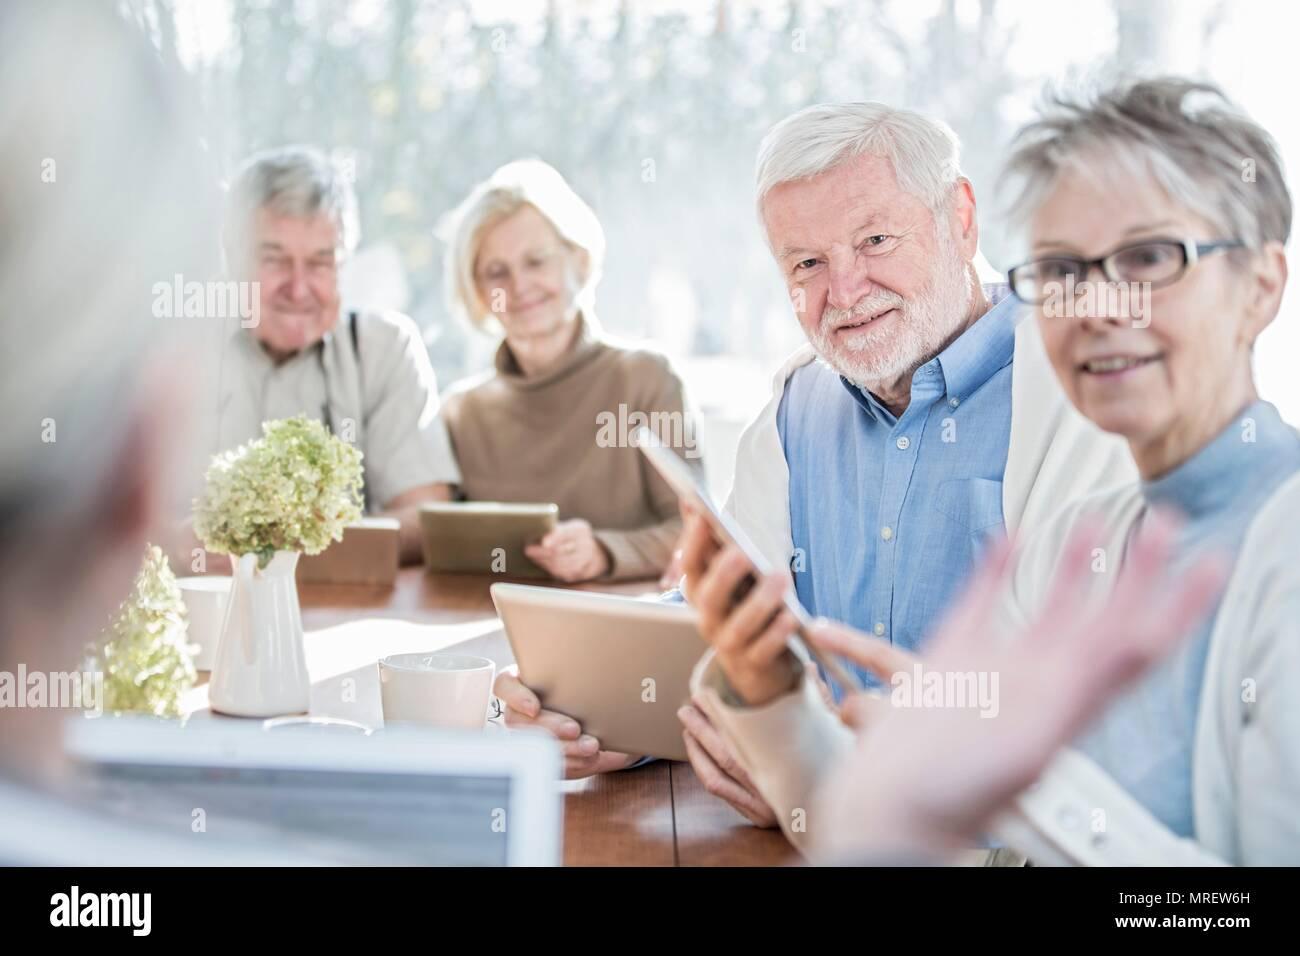 Los adultos mayores cuidados en el hogar con tabletas digitales. Imagen De Stock